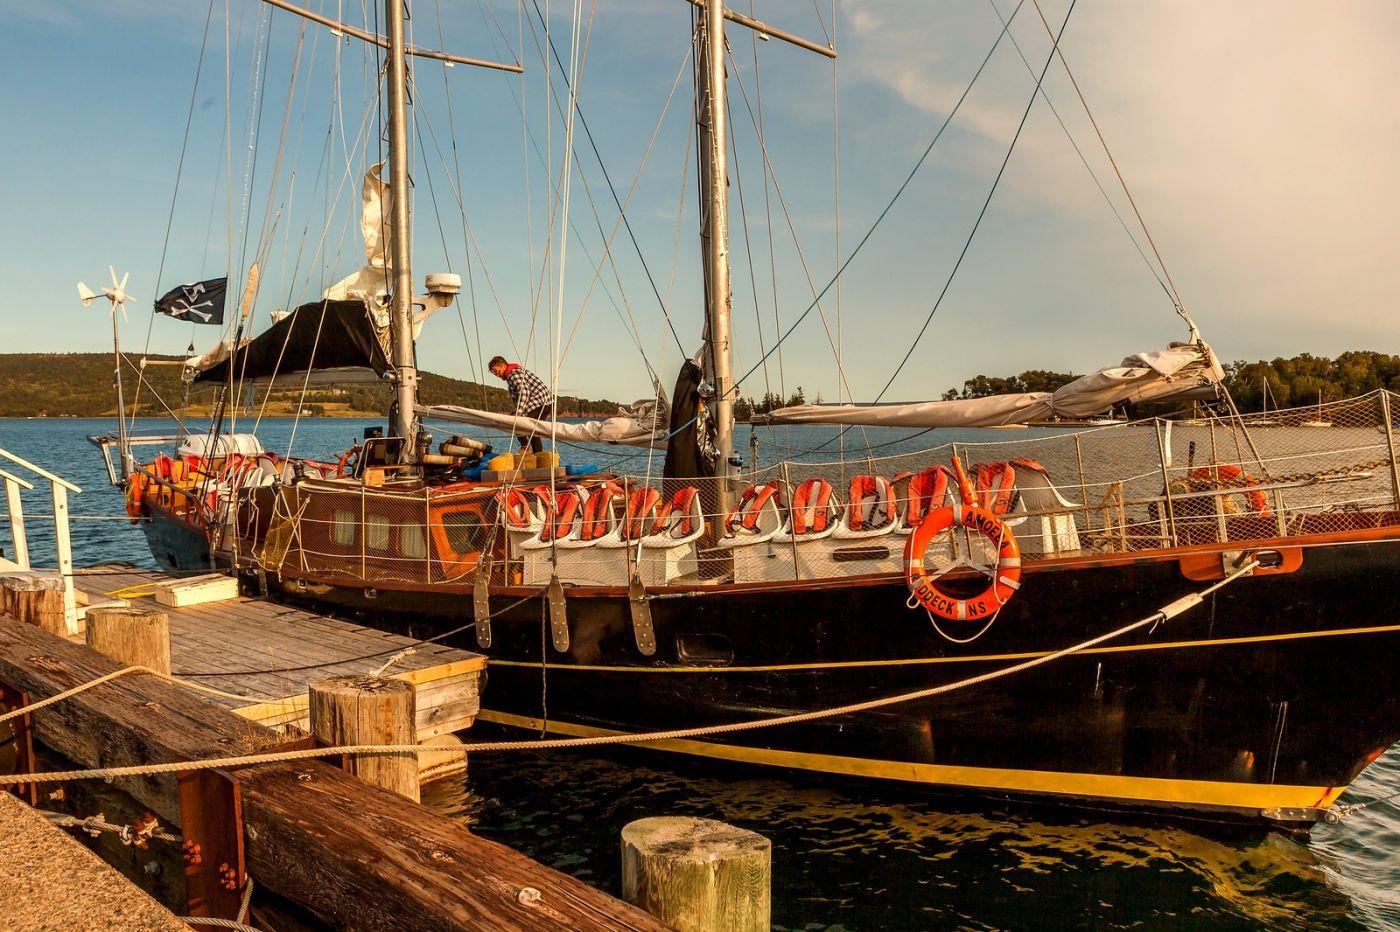 加拿大Nova Scotia, 帆船灯塔老鹰_图1-37